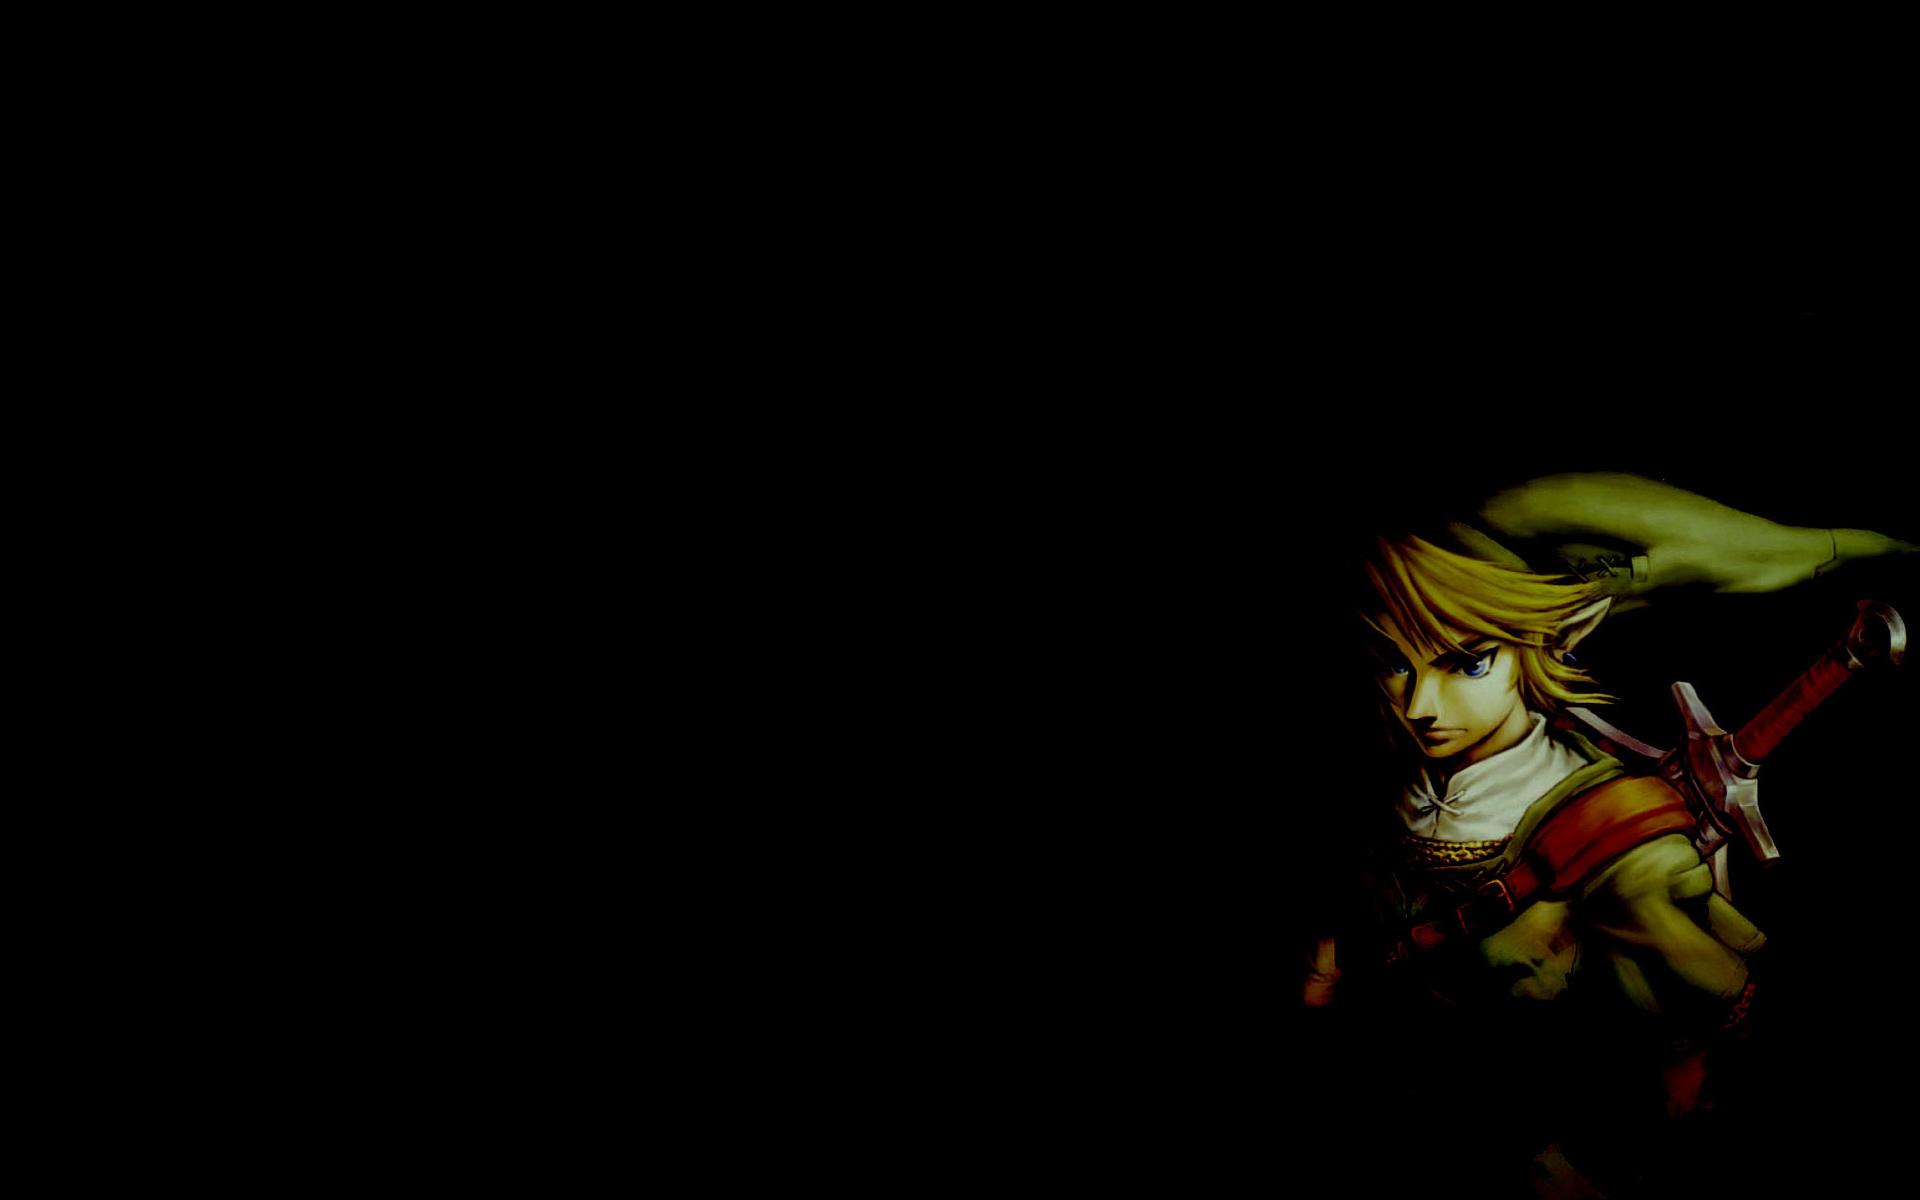 Zelda Backgrounds Free Download Pixelstalknet